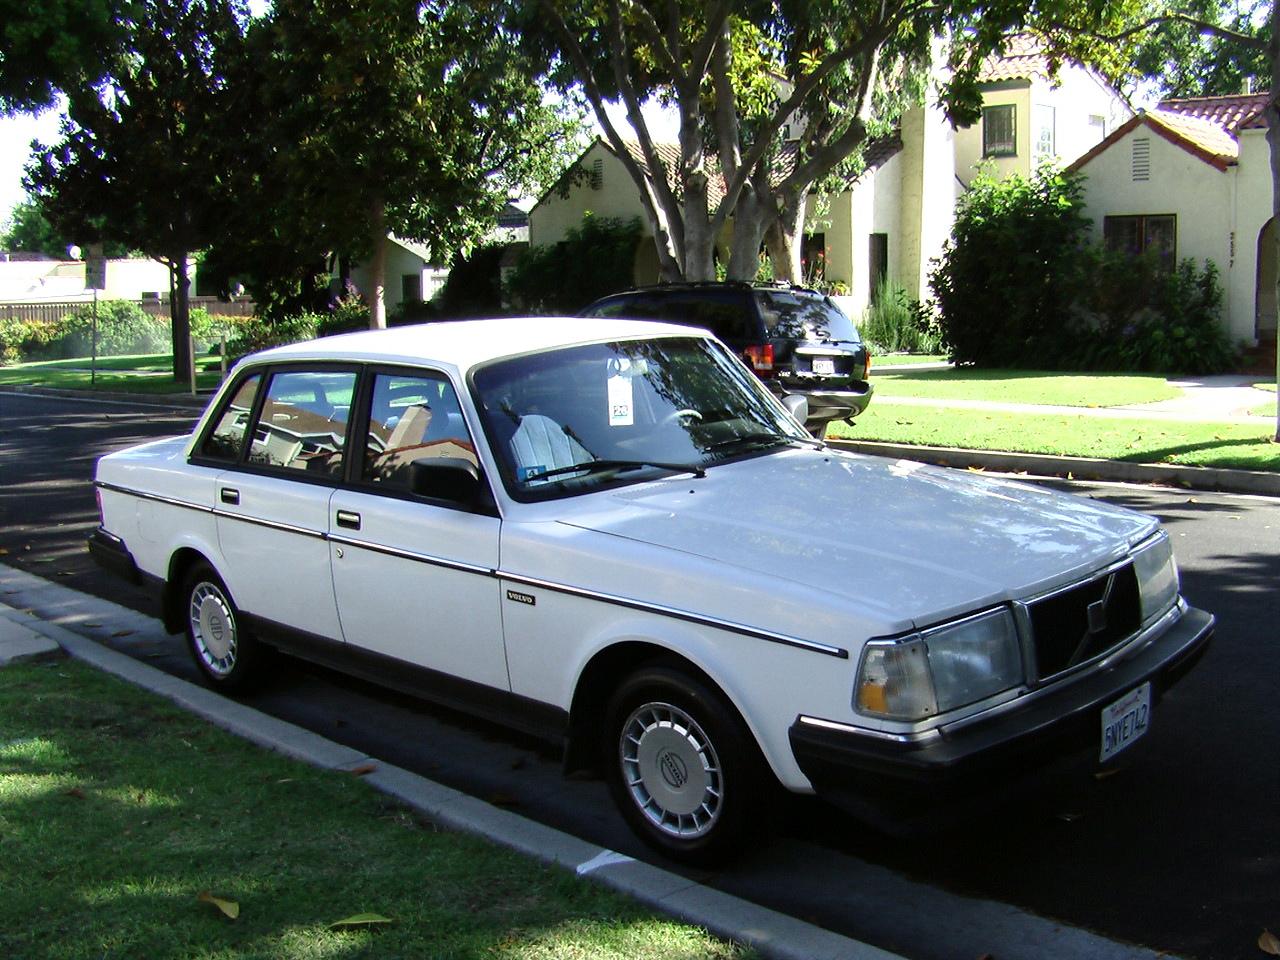 Volvo 240 Wagon - Classic Volvo 240 1991 for sale   1991 Volvo 240 Wagon